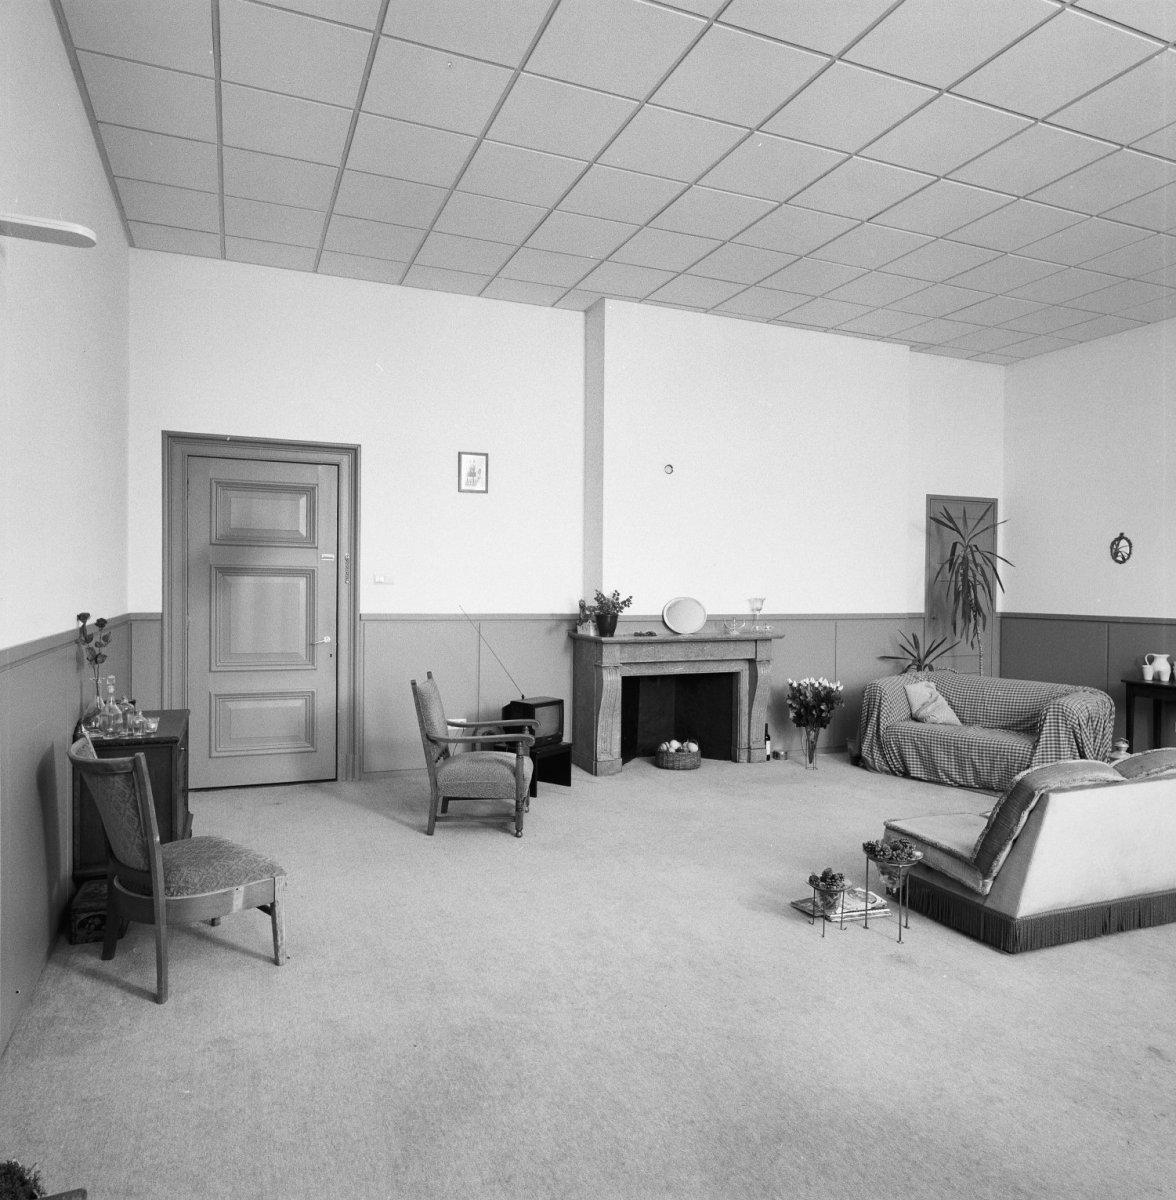 Bestand:Interieur, kamer op verdieping - Zeist - 20372126 - RCE.jpg ...